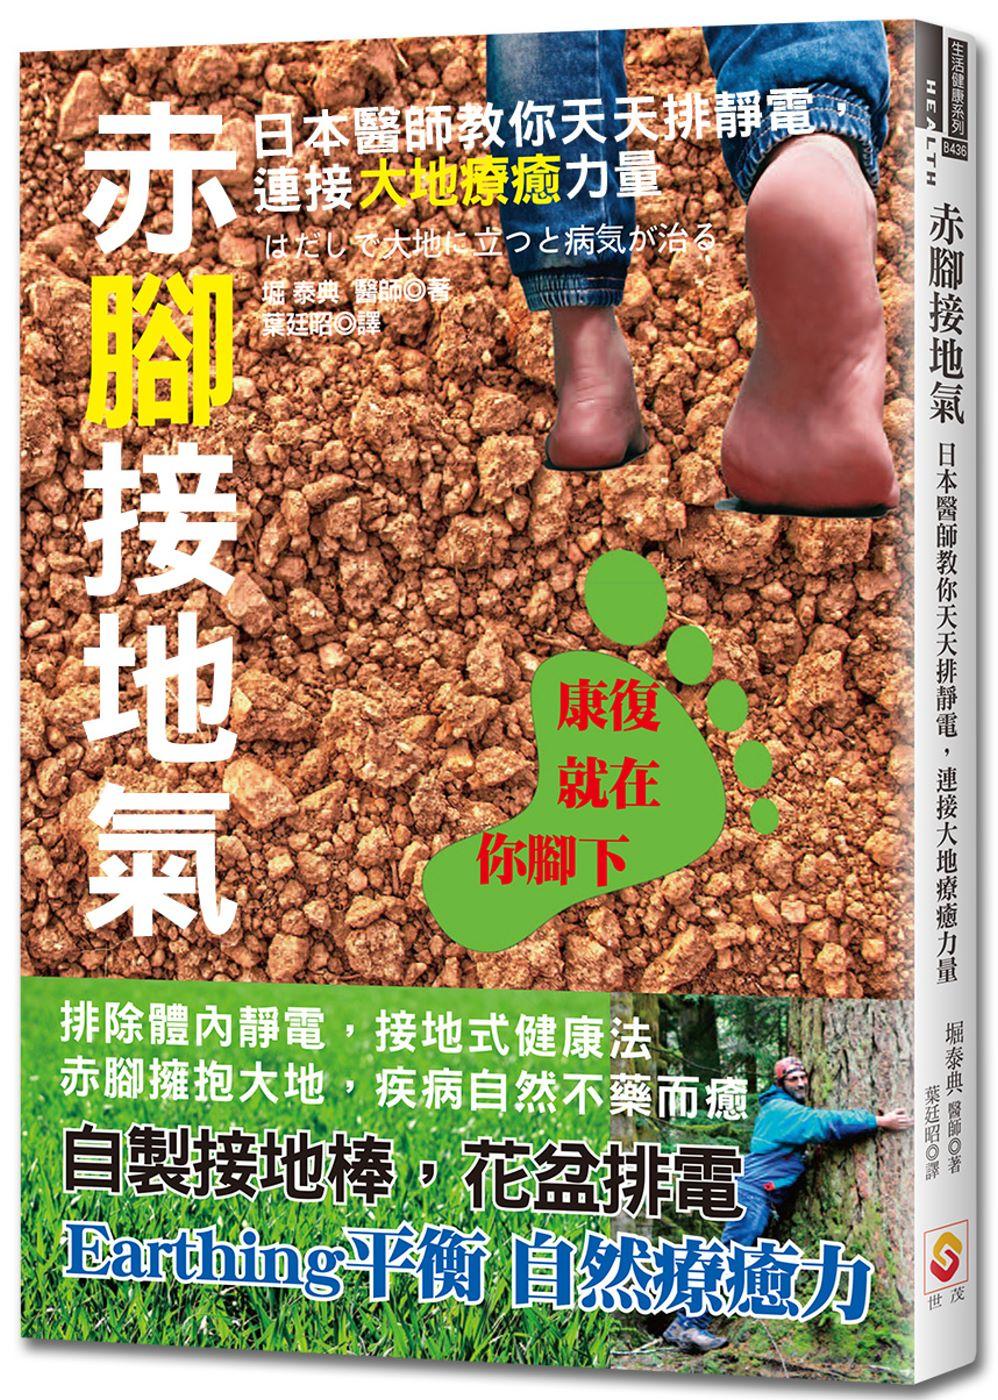 赤腳接地氣:日本醫師教你天天排靜電,連接大地療癒力量